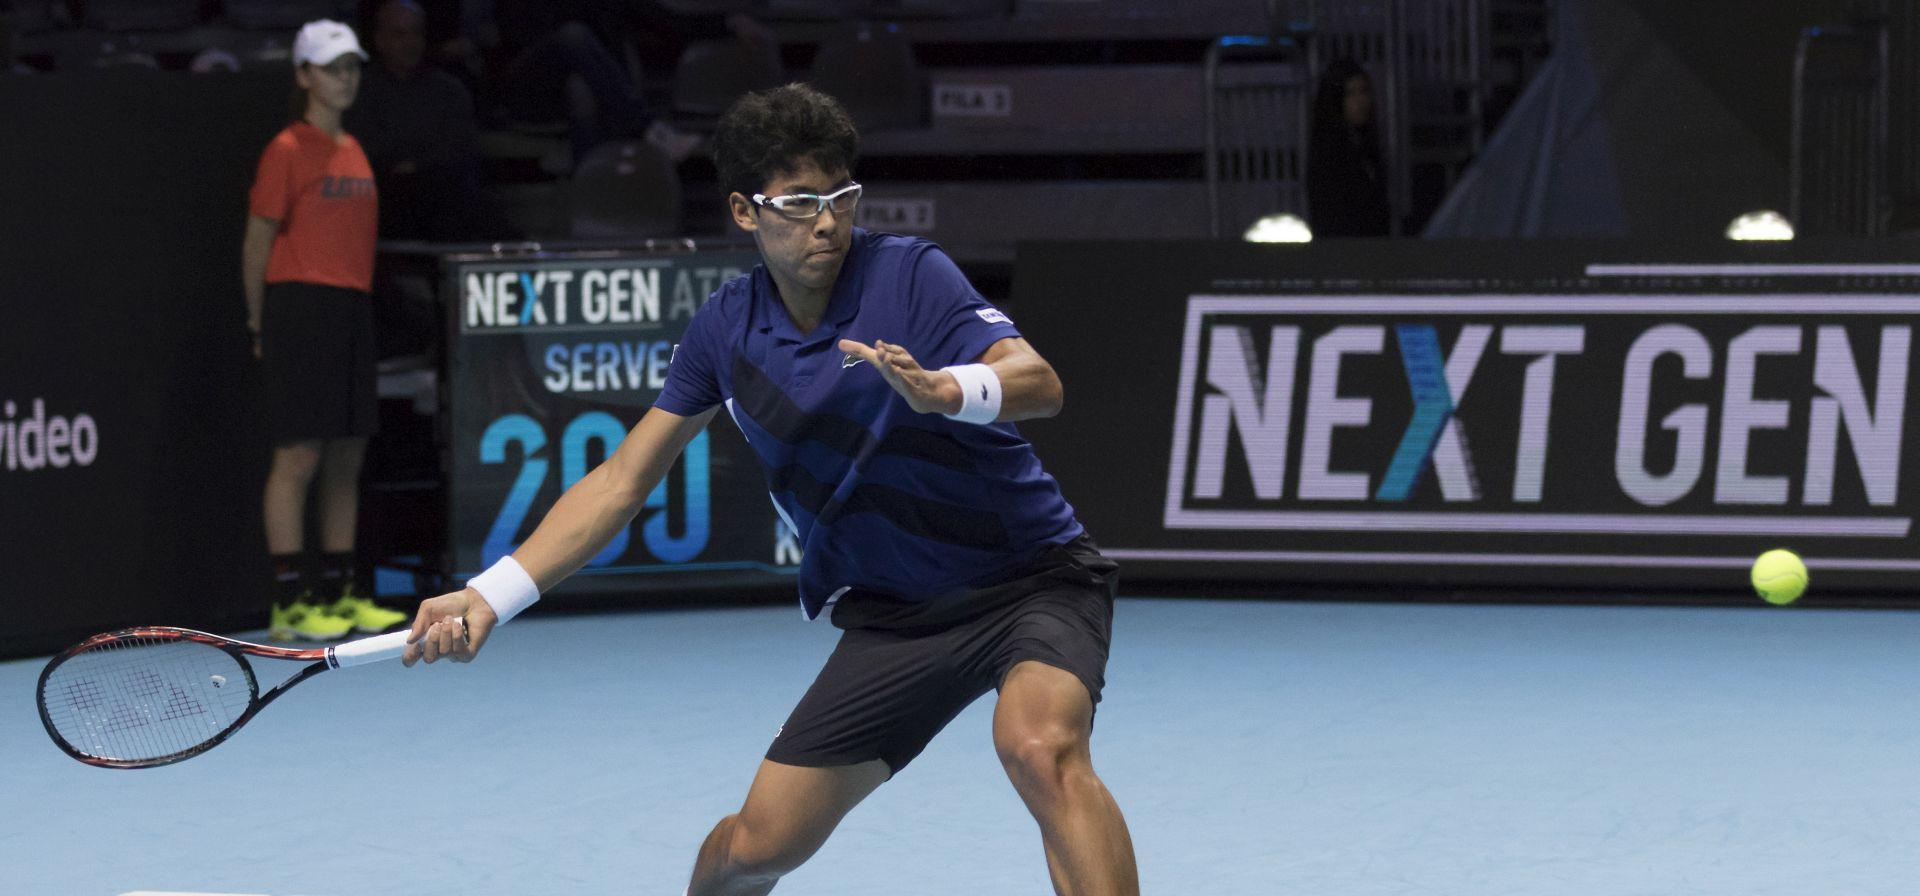 ATP NEXT GEN FINALE Hyeon Chung osvojio naslov i 390.000 dolara